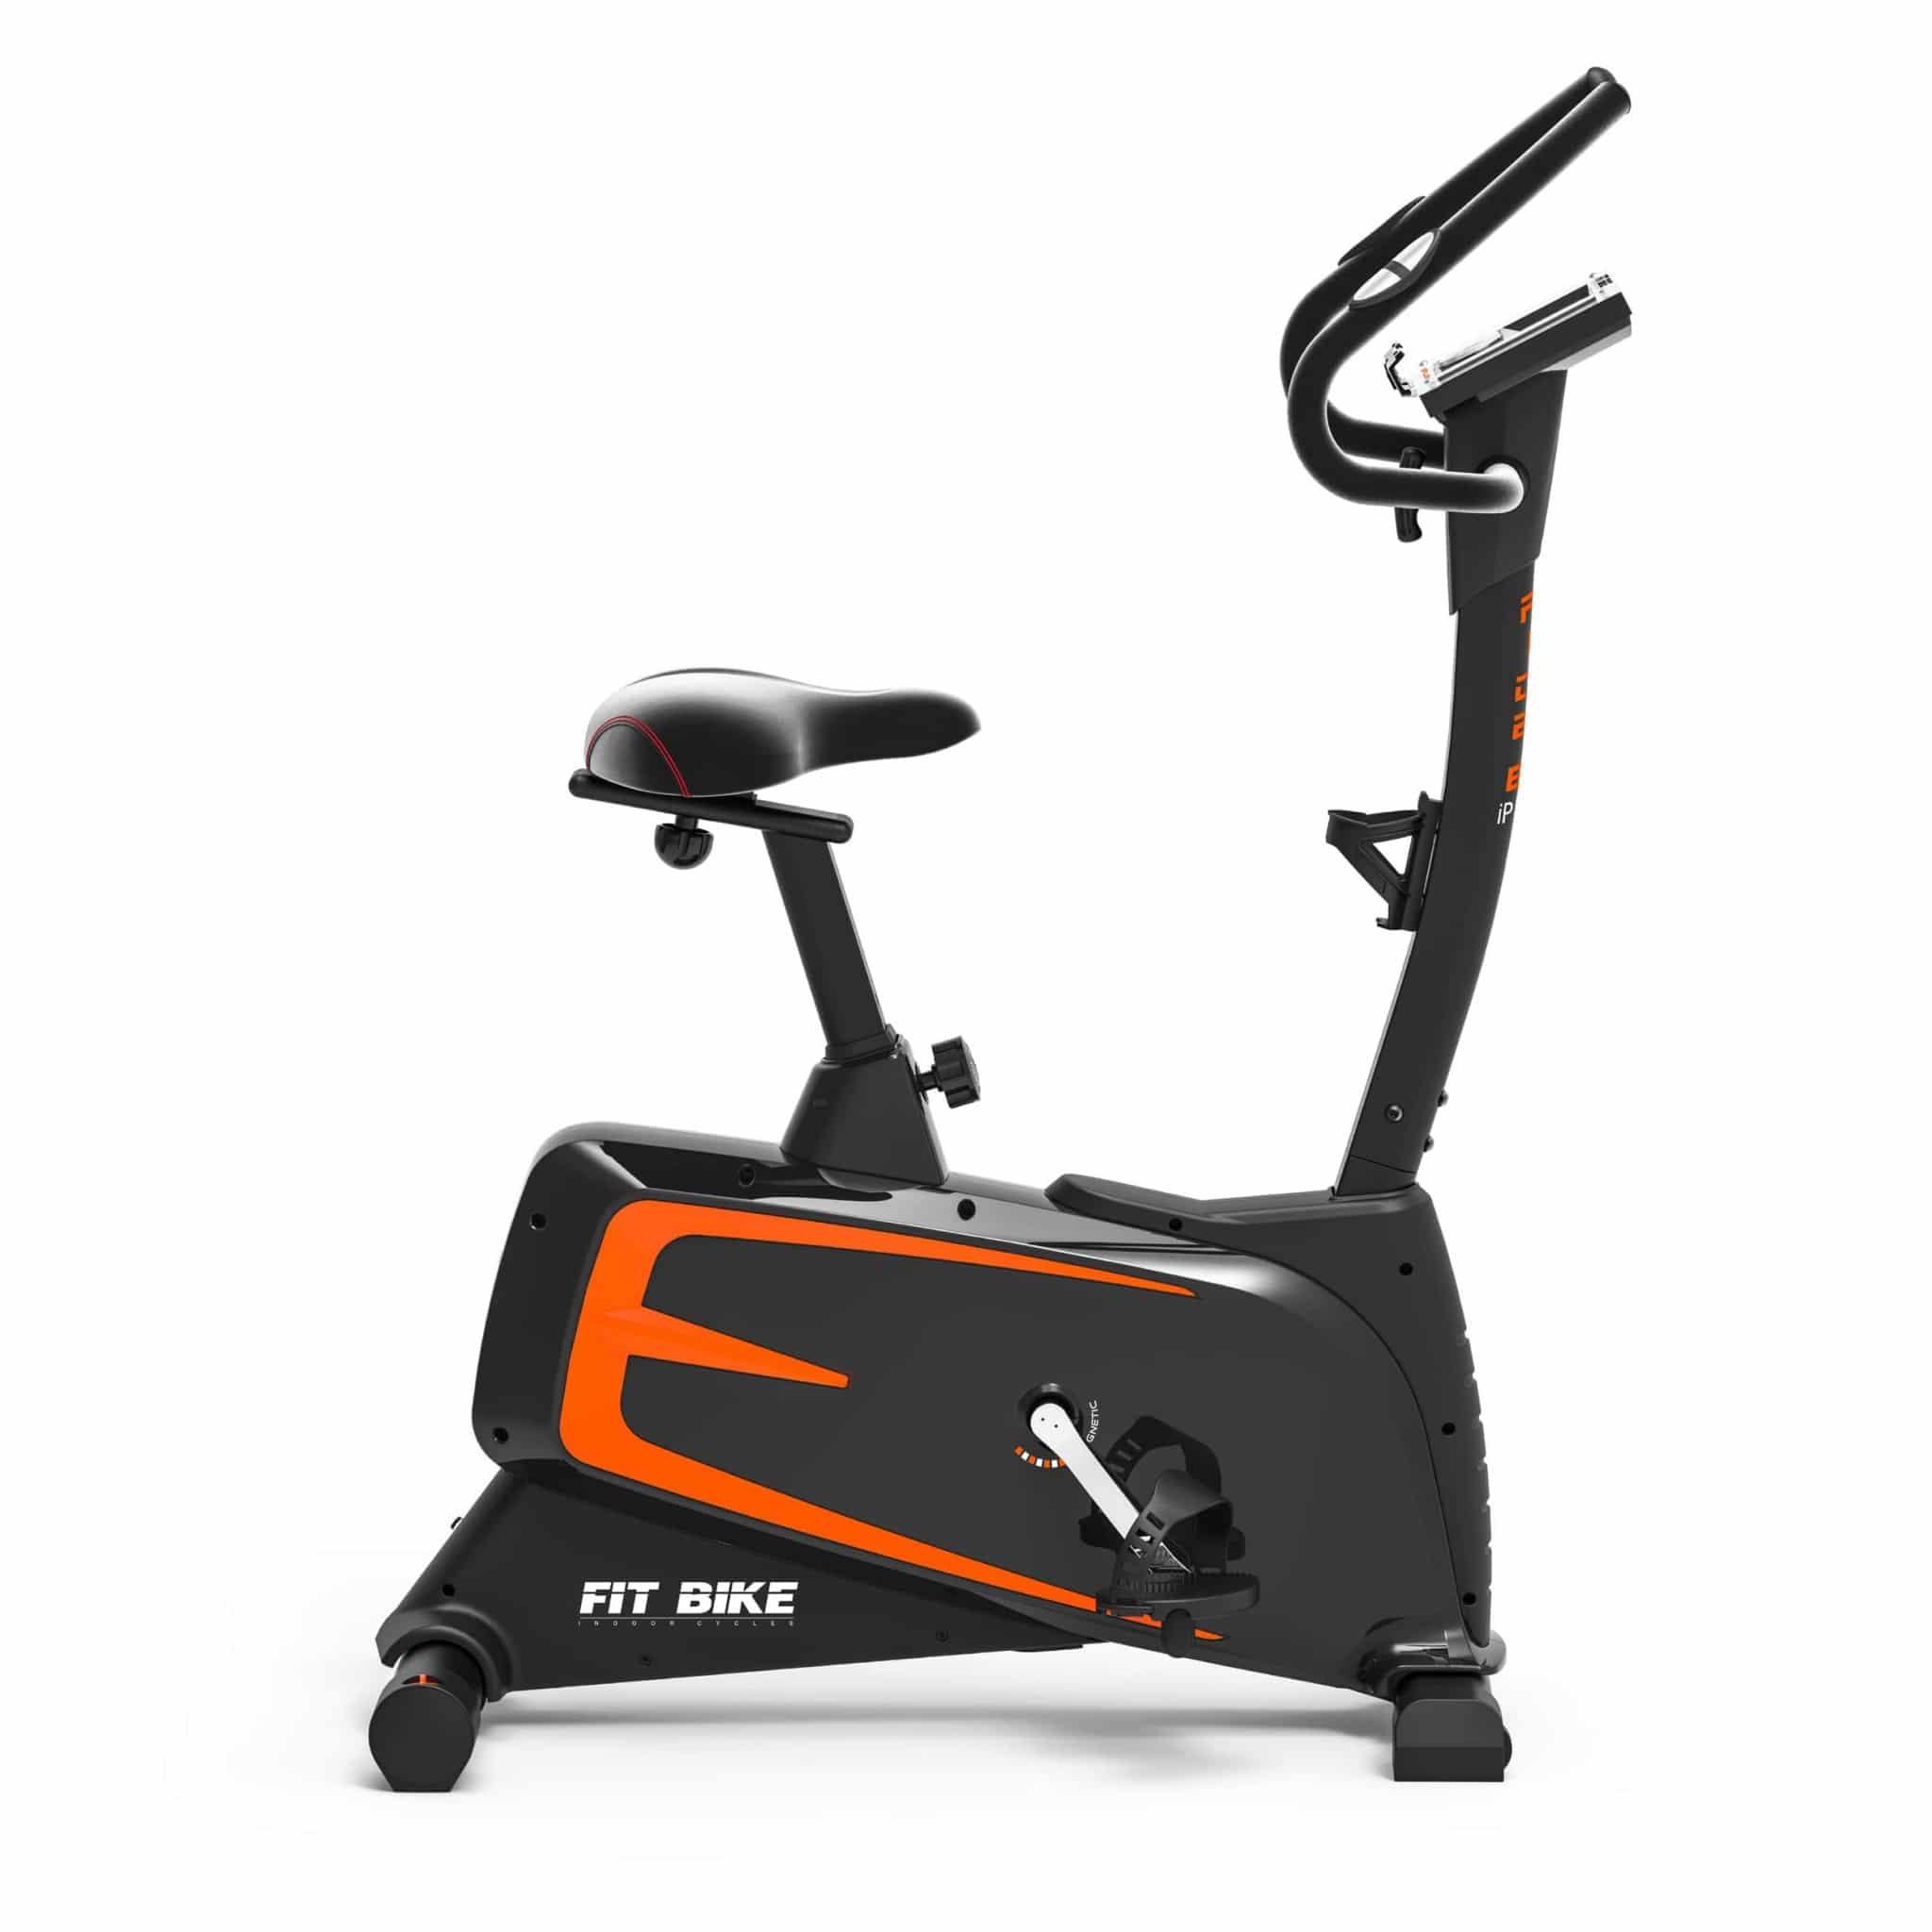 beste hometrainer fitbike ride 6 iplus